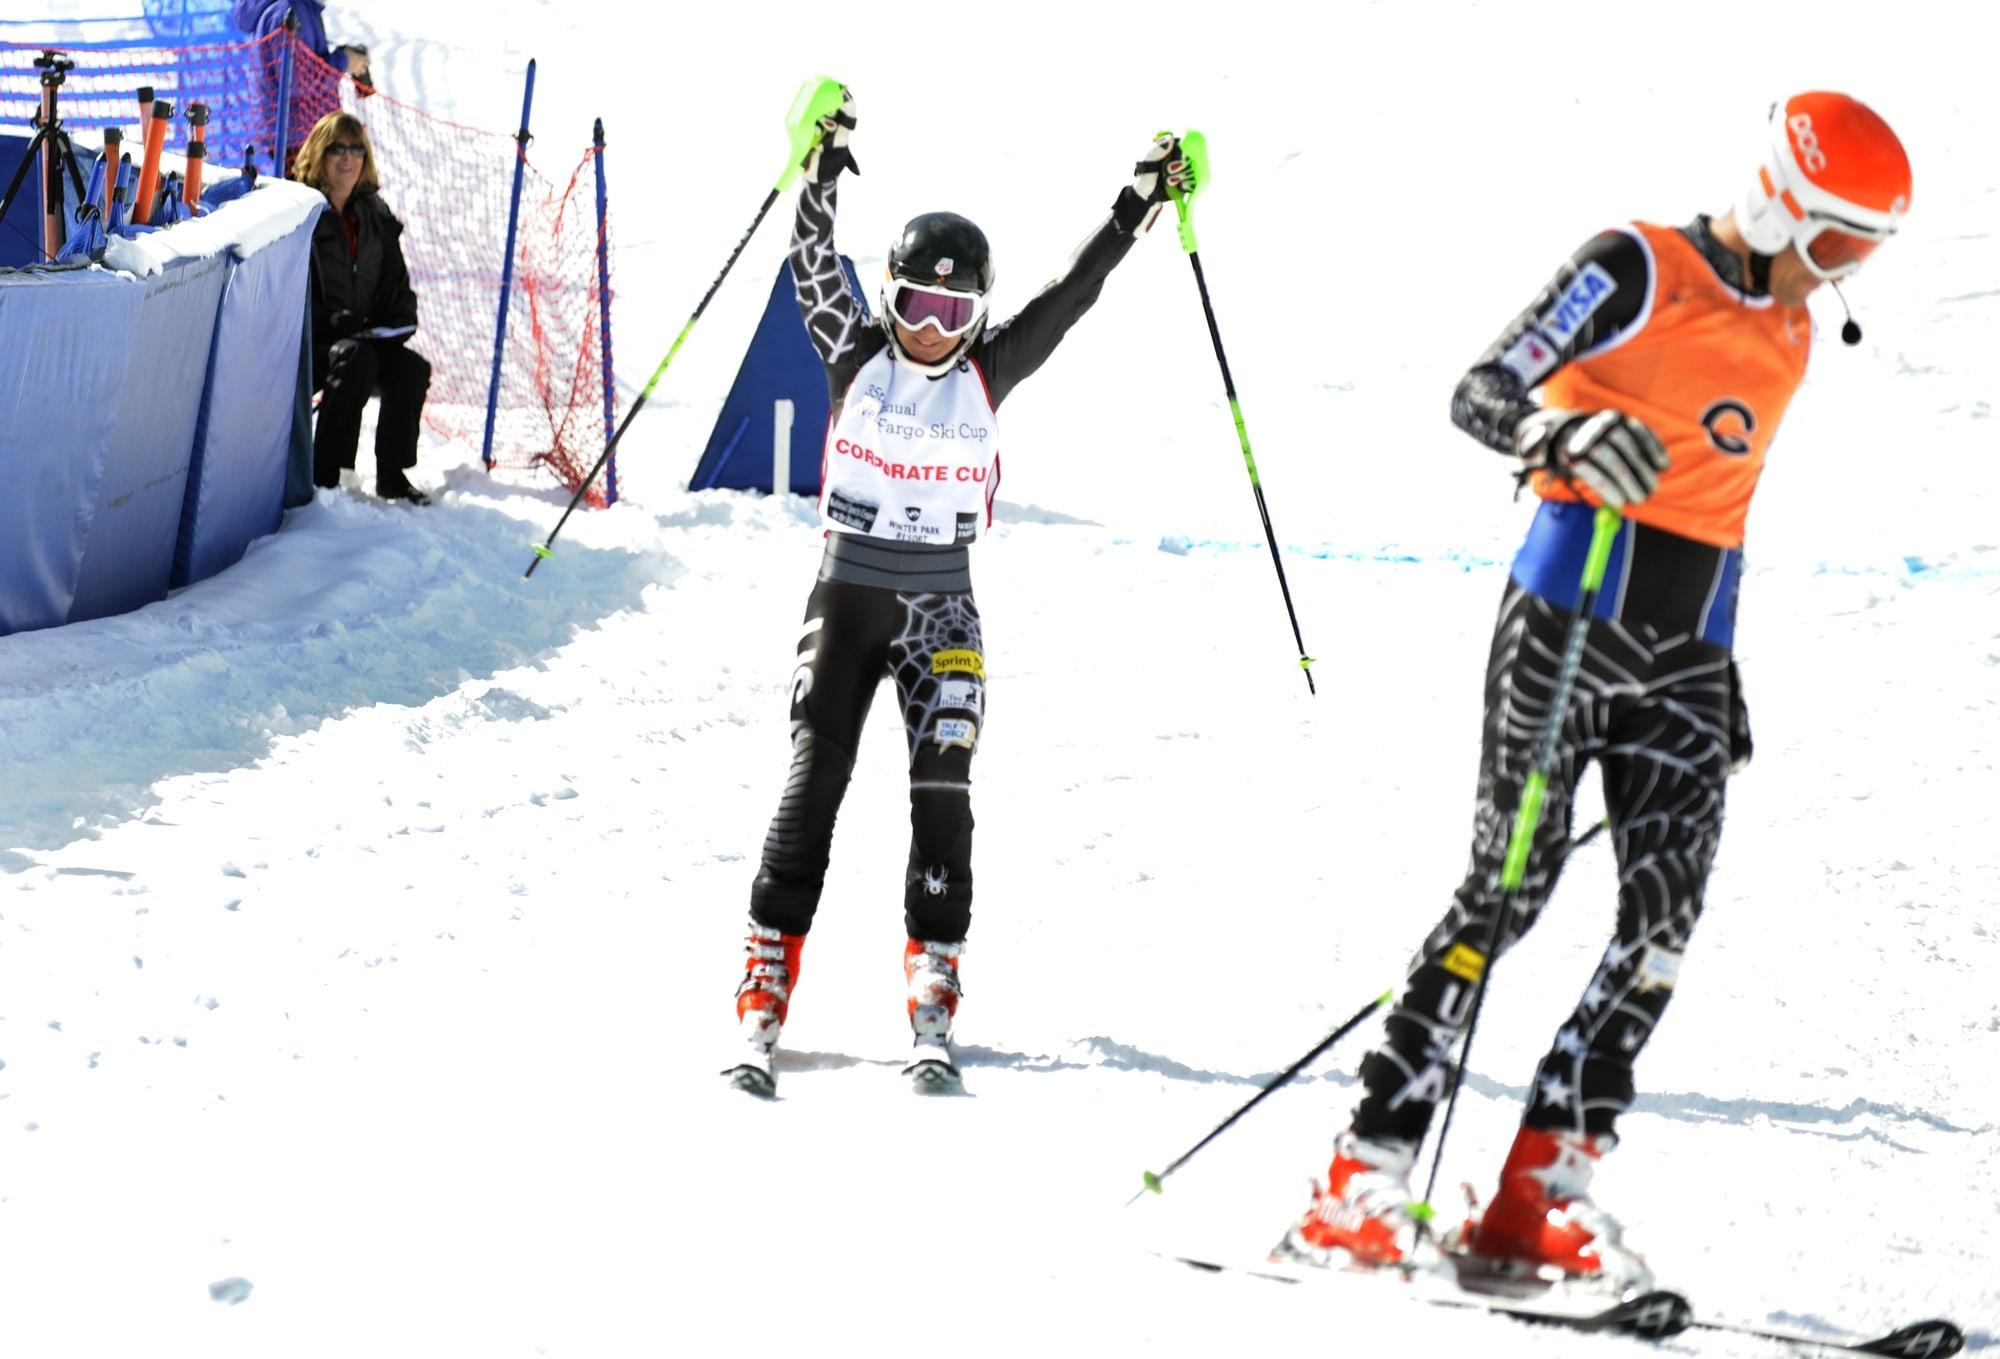 Photo of alpine skier Danelle Umstead on the ski slopes